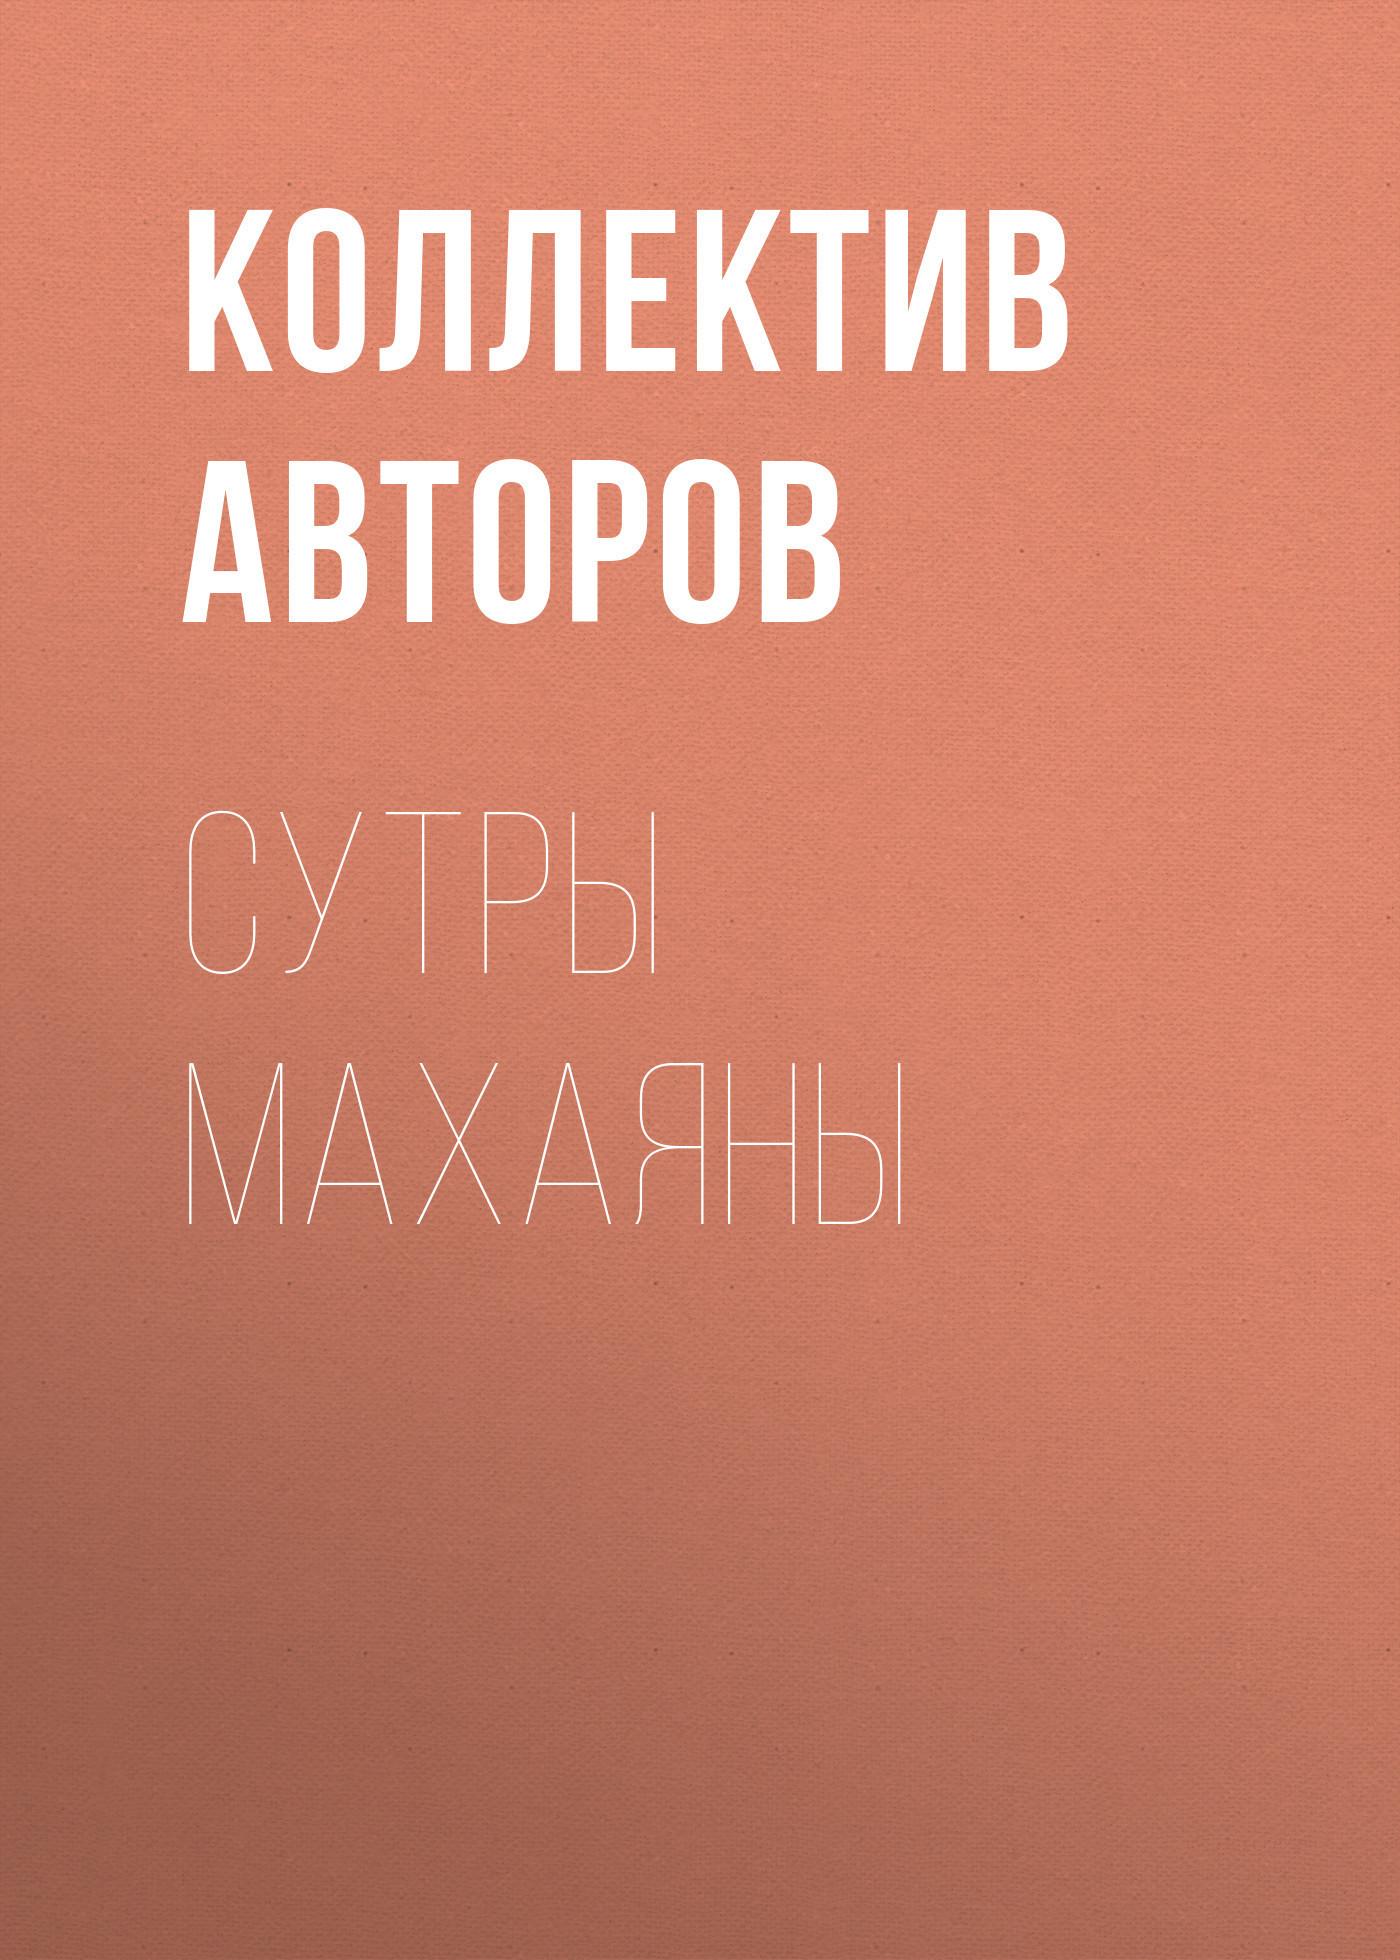 Коллектив авторов Сутры Махаяны